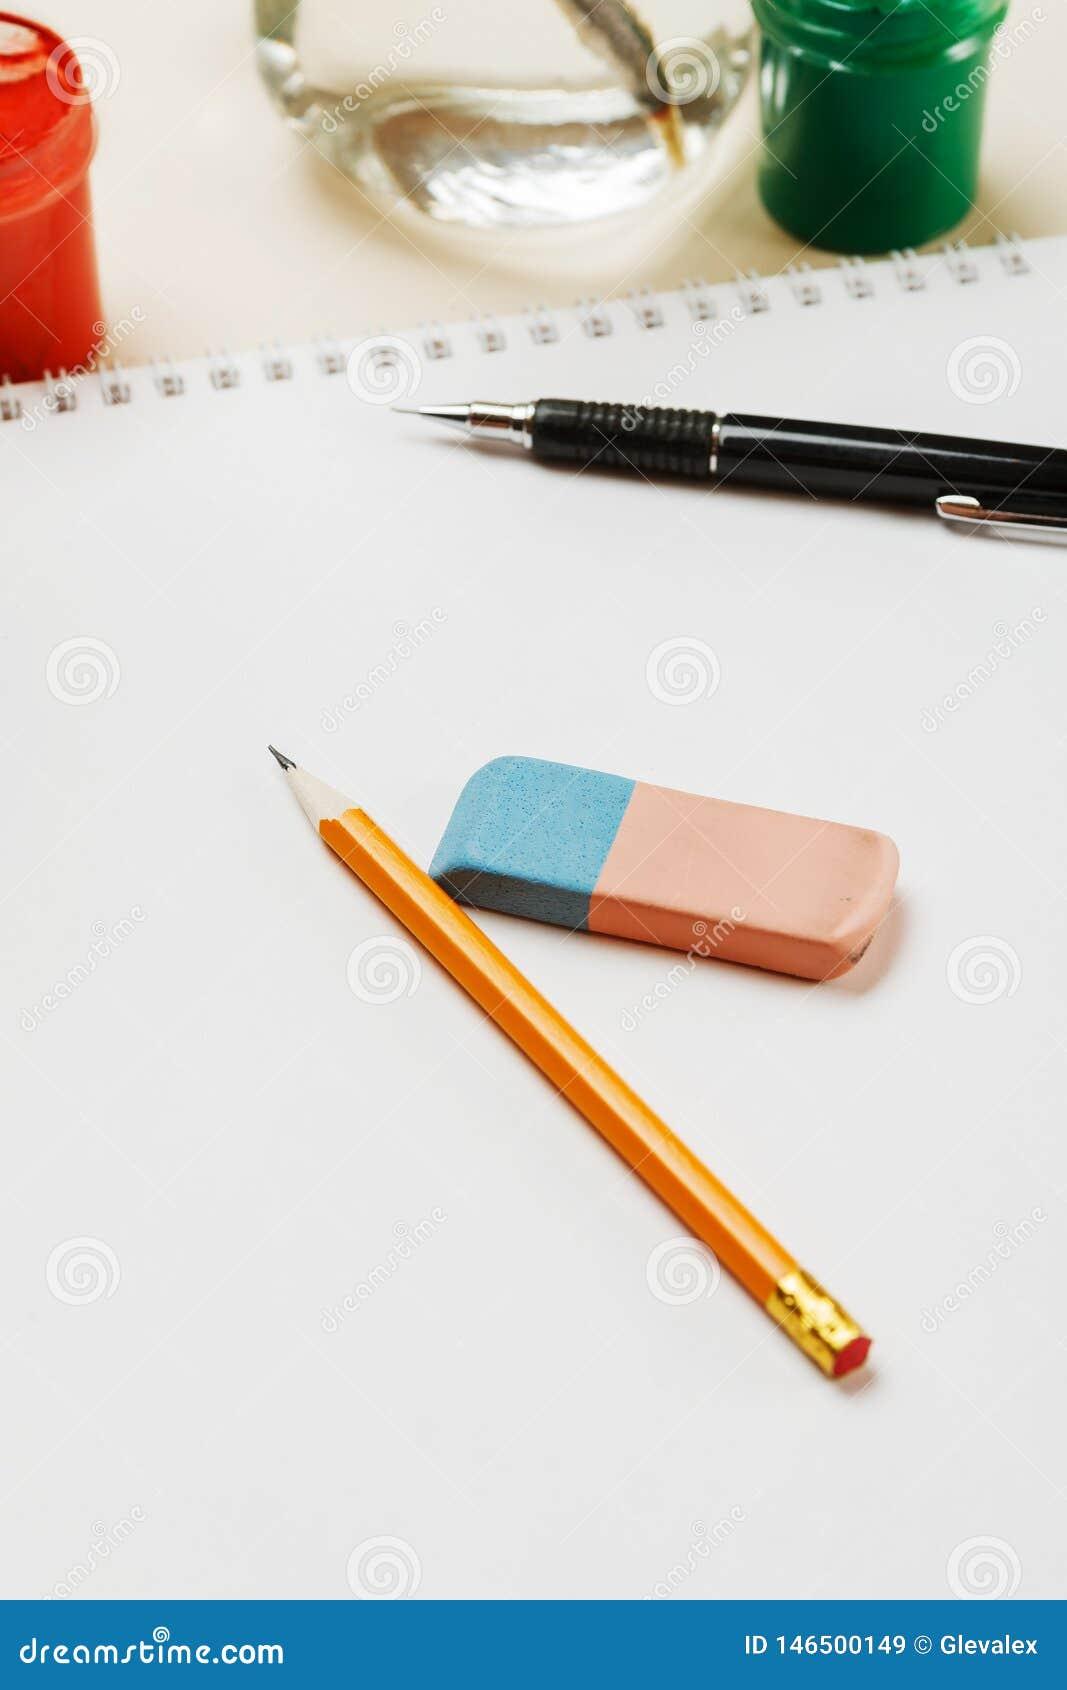 Μολύβι και γόμα σε ένα κενό φύλλο του εγγράφου, κάθετο